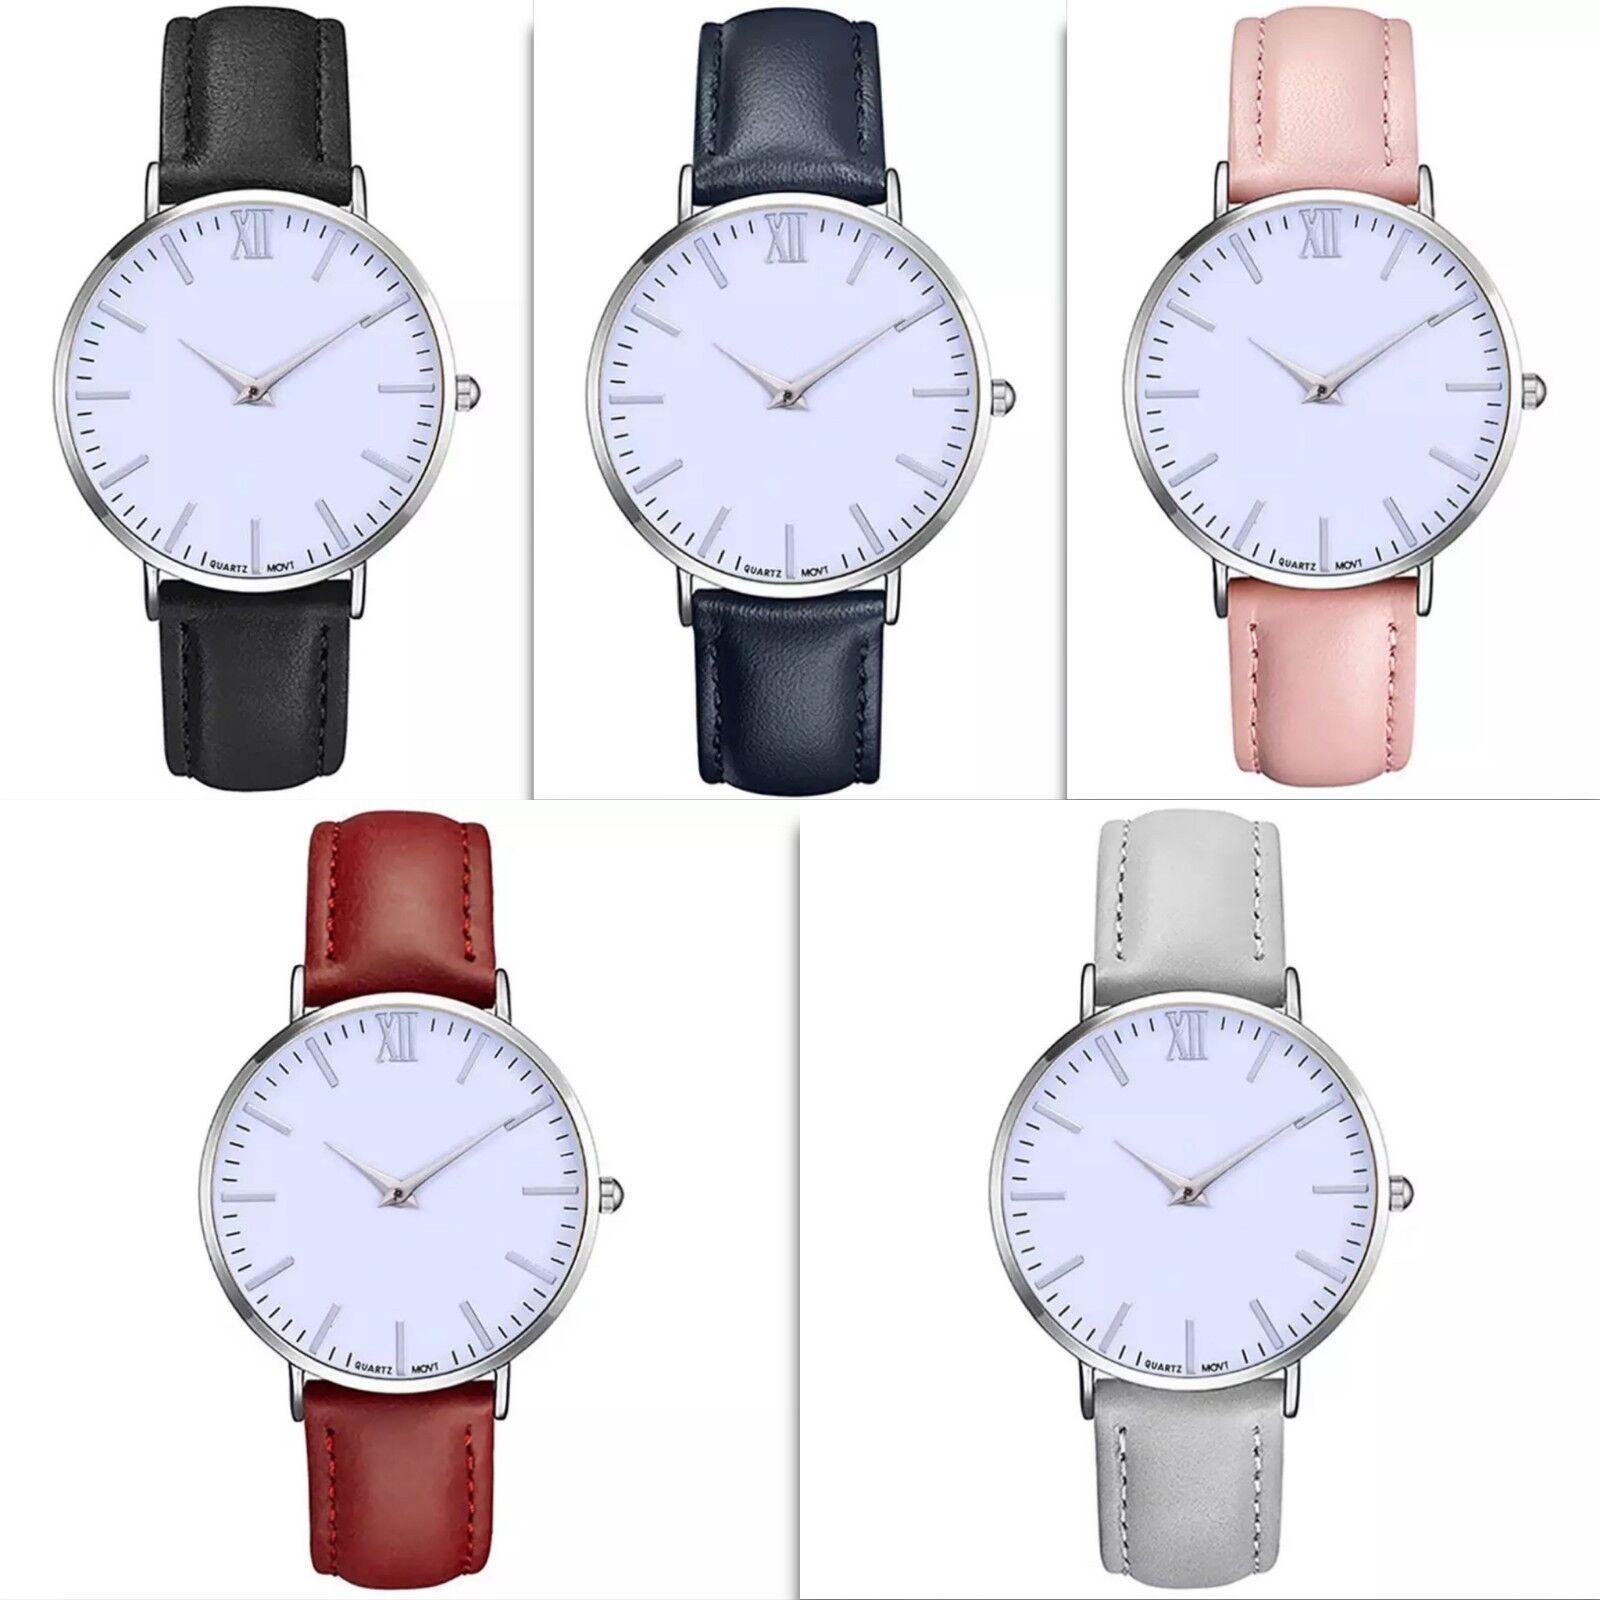 Schlichte Armbanduhr Uhr Damenuhr silber rosa weiß schwarz dunkelblau grau rot